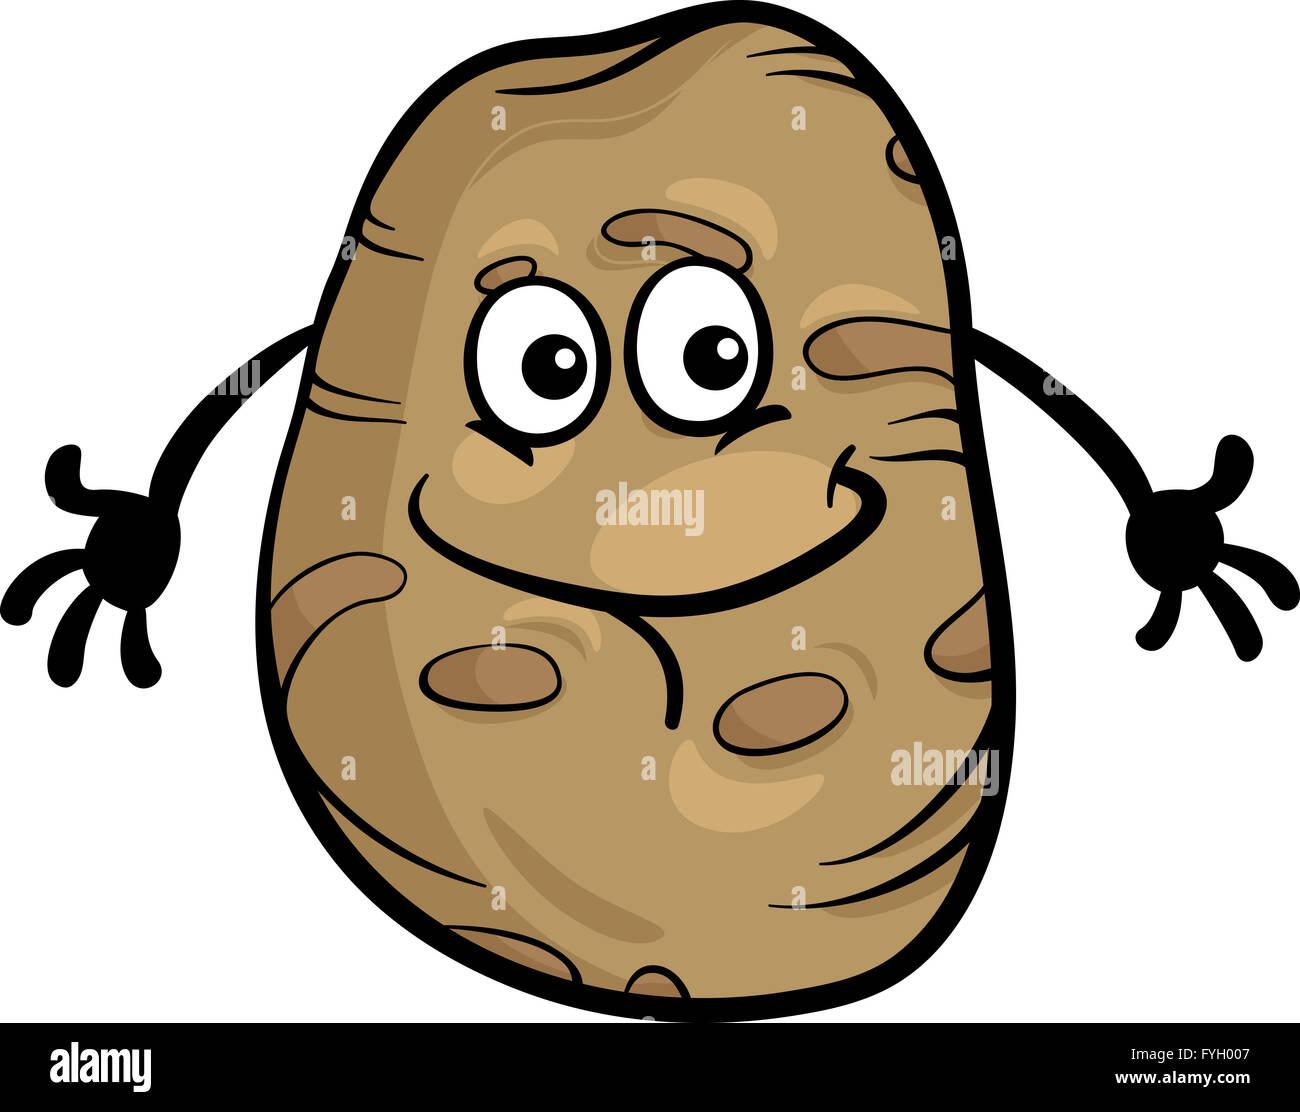 Cartoon Potato Stockfotos und -bilder Kaufen - Seite 2 - Alamy (1300 x 1112 Pixel)